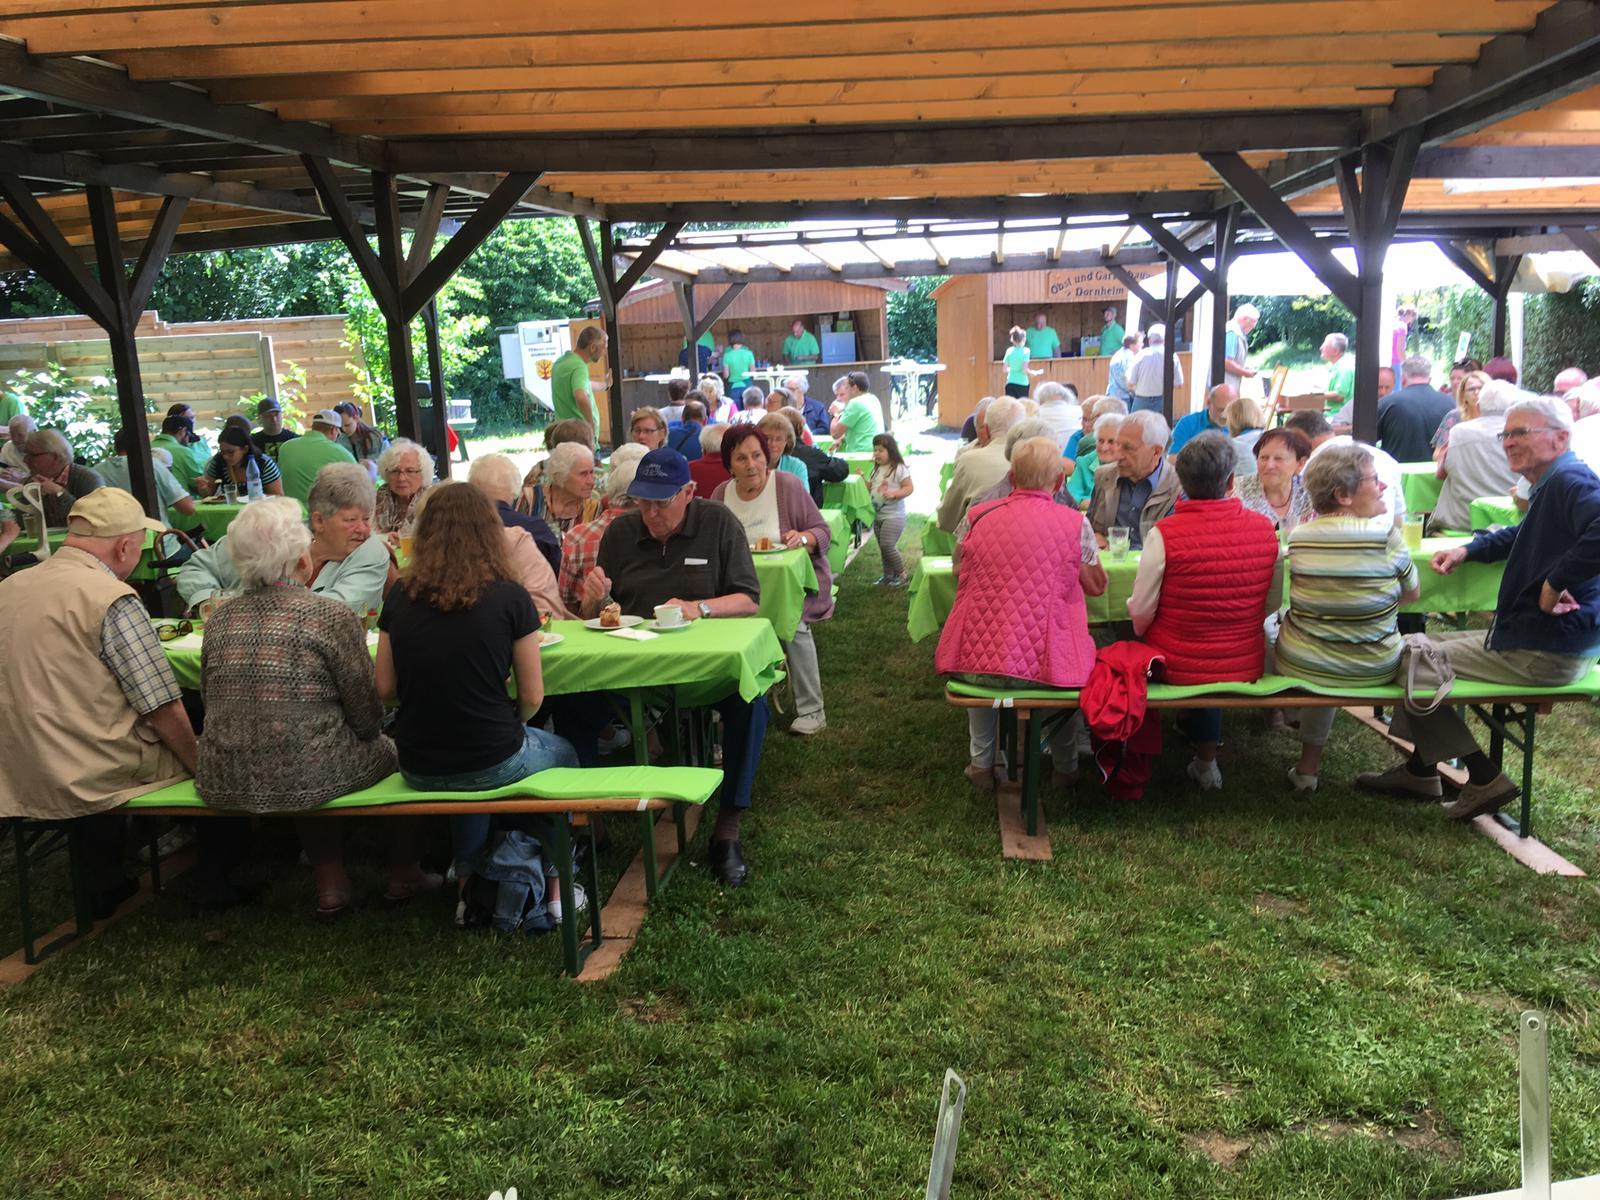 Unser Grillfest 2019 lockt wieder viele Dornheimer und auswärtige Besucher an